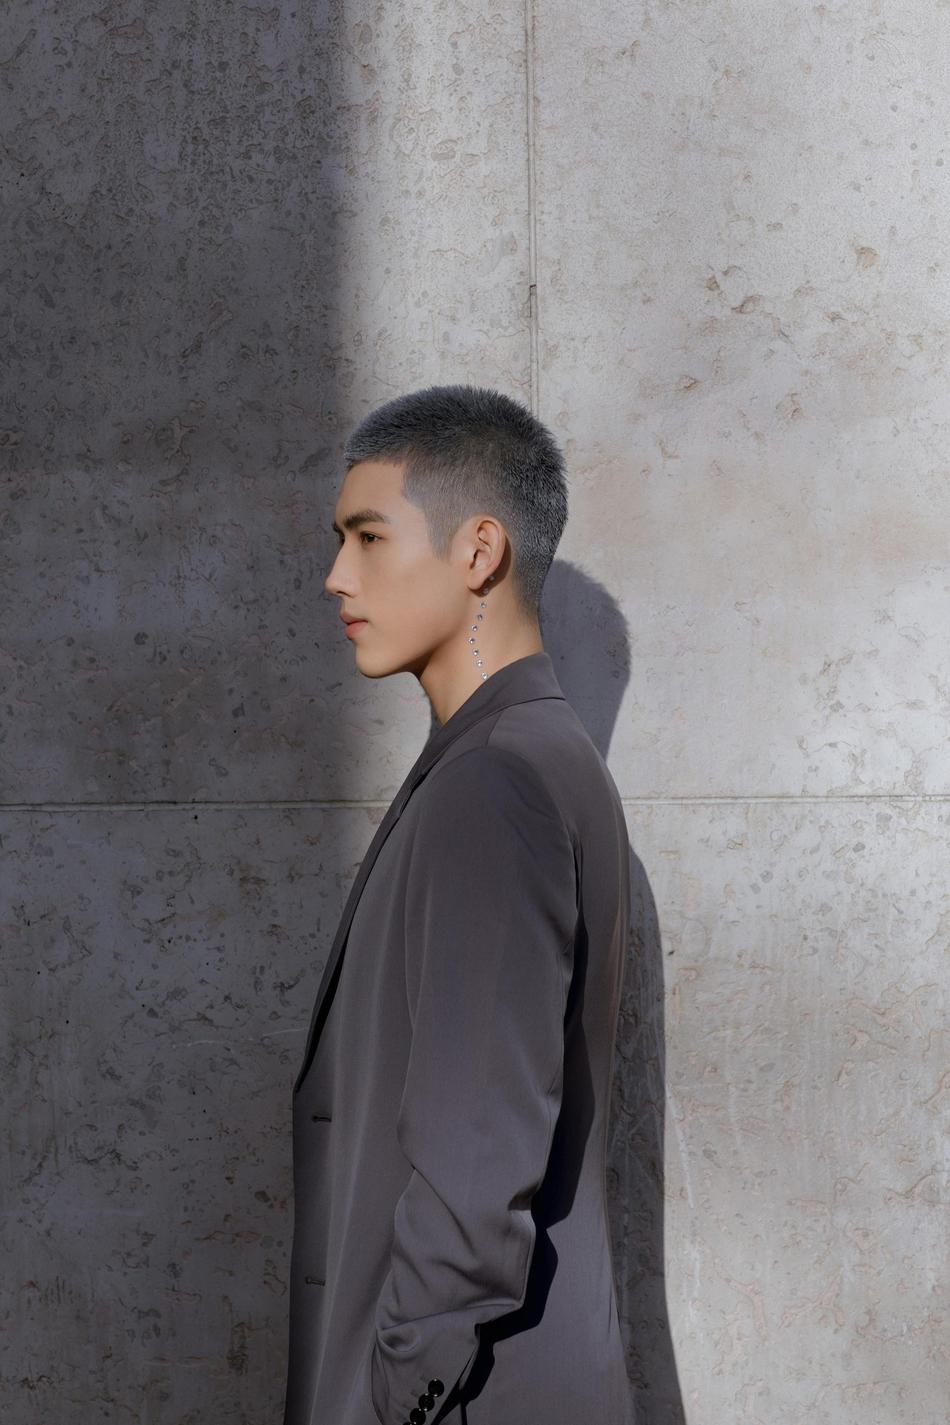 陈飞宇助阵巴黎高订秀 蓝灰色寸头时髦有态度